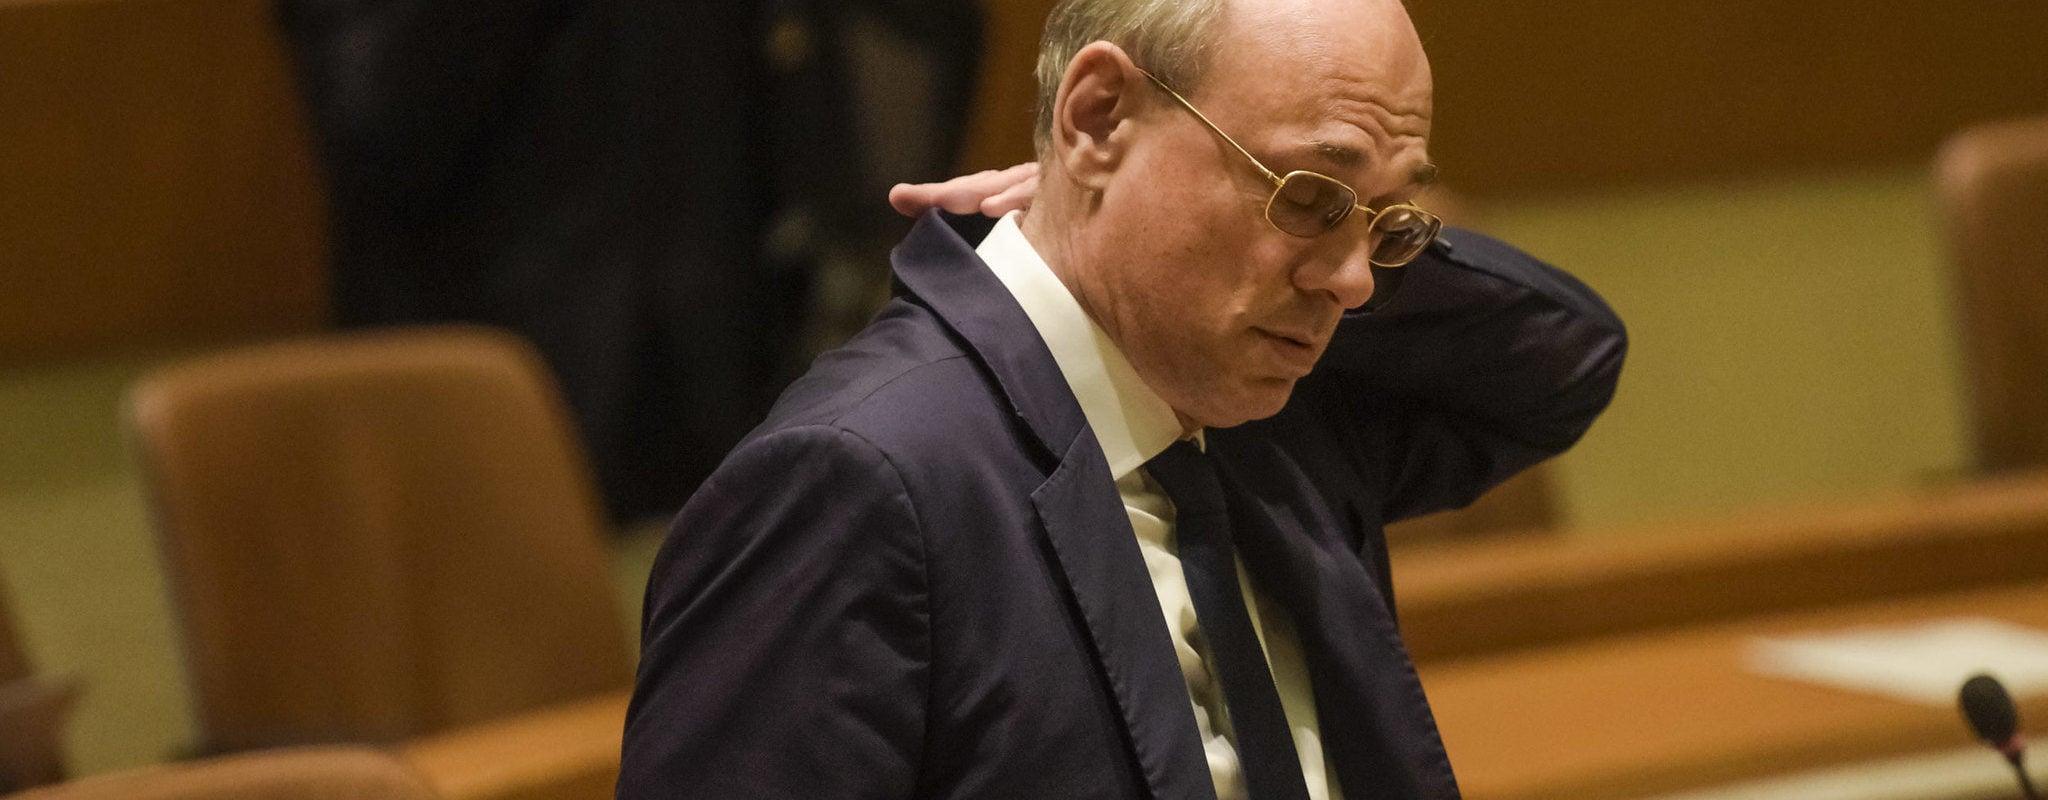 Ancienne tête de liste du Front national, Jean-Luc Schaffhauser démissionne de ses mandats à Strasbourg